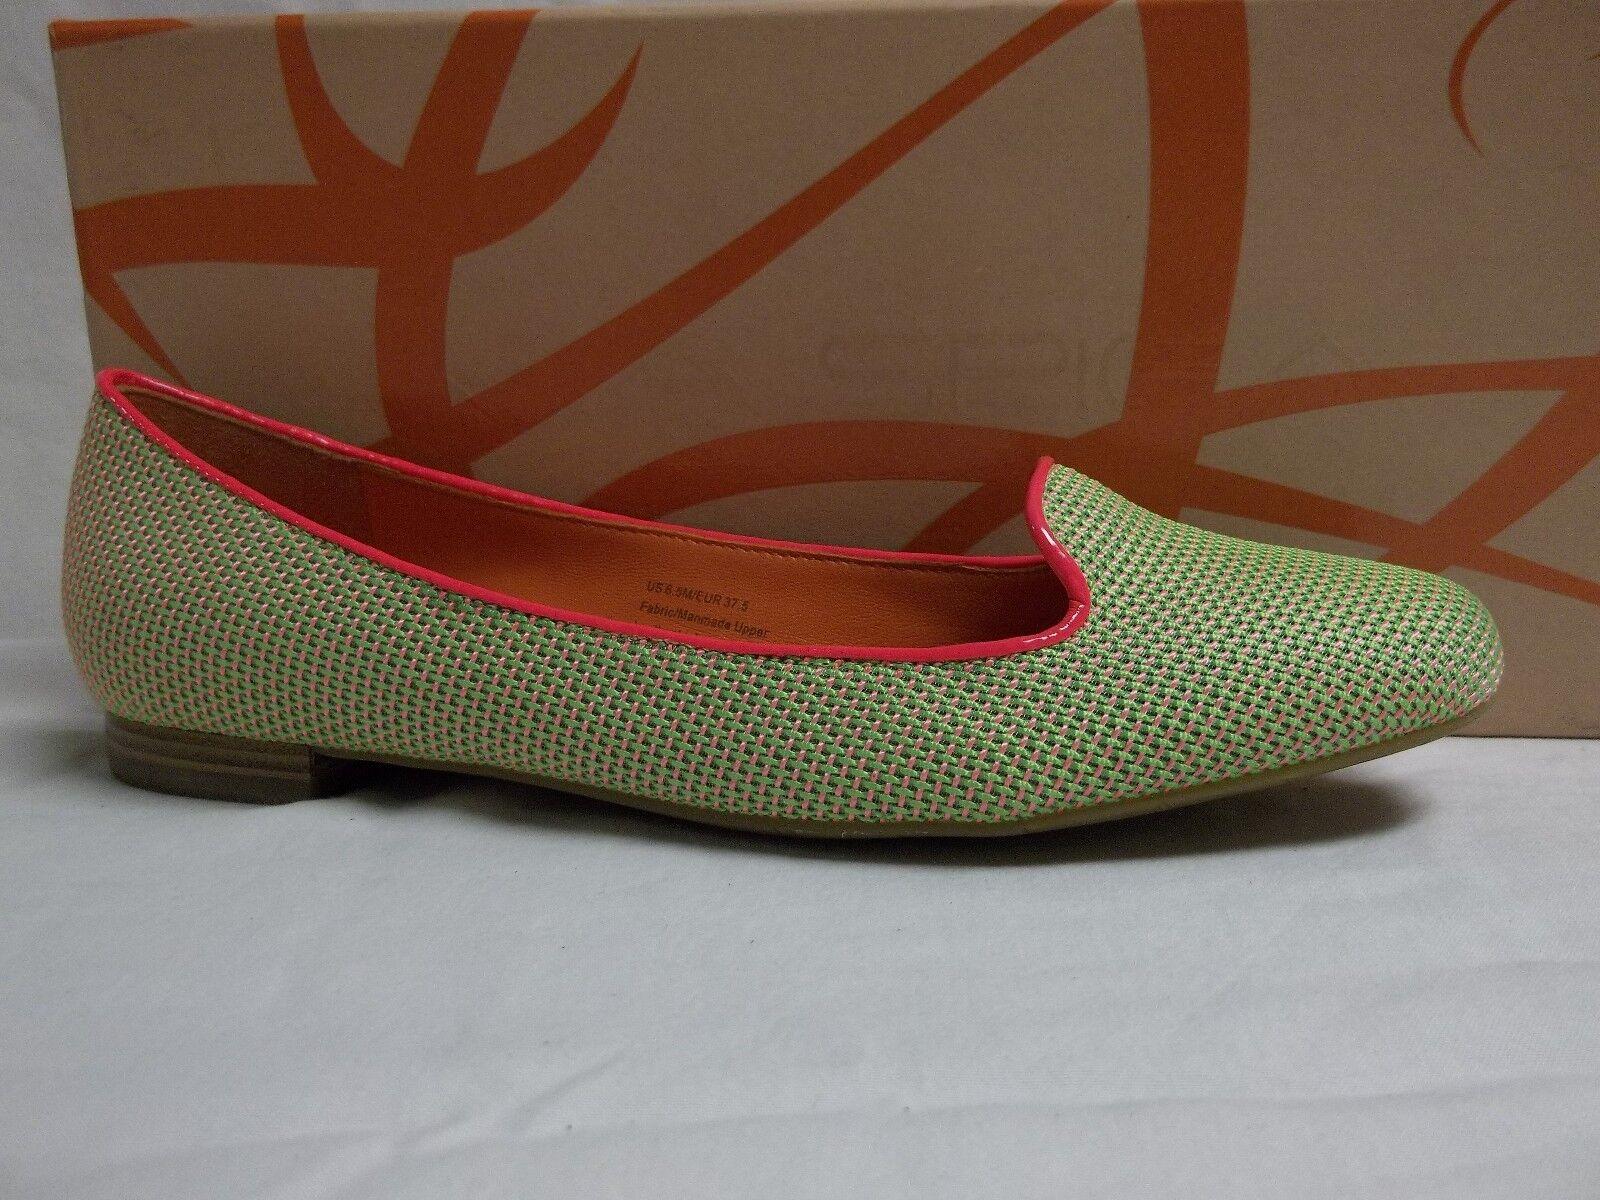 Via Spiga Größe 6.5 M Edina Green Pink Flats NEU Damenschuhe Schuhes